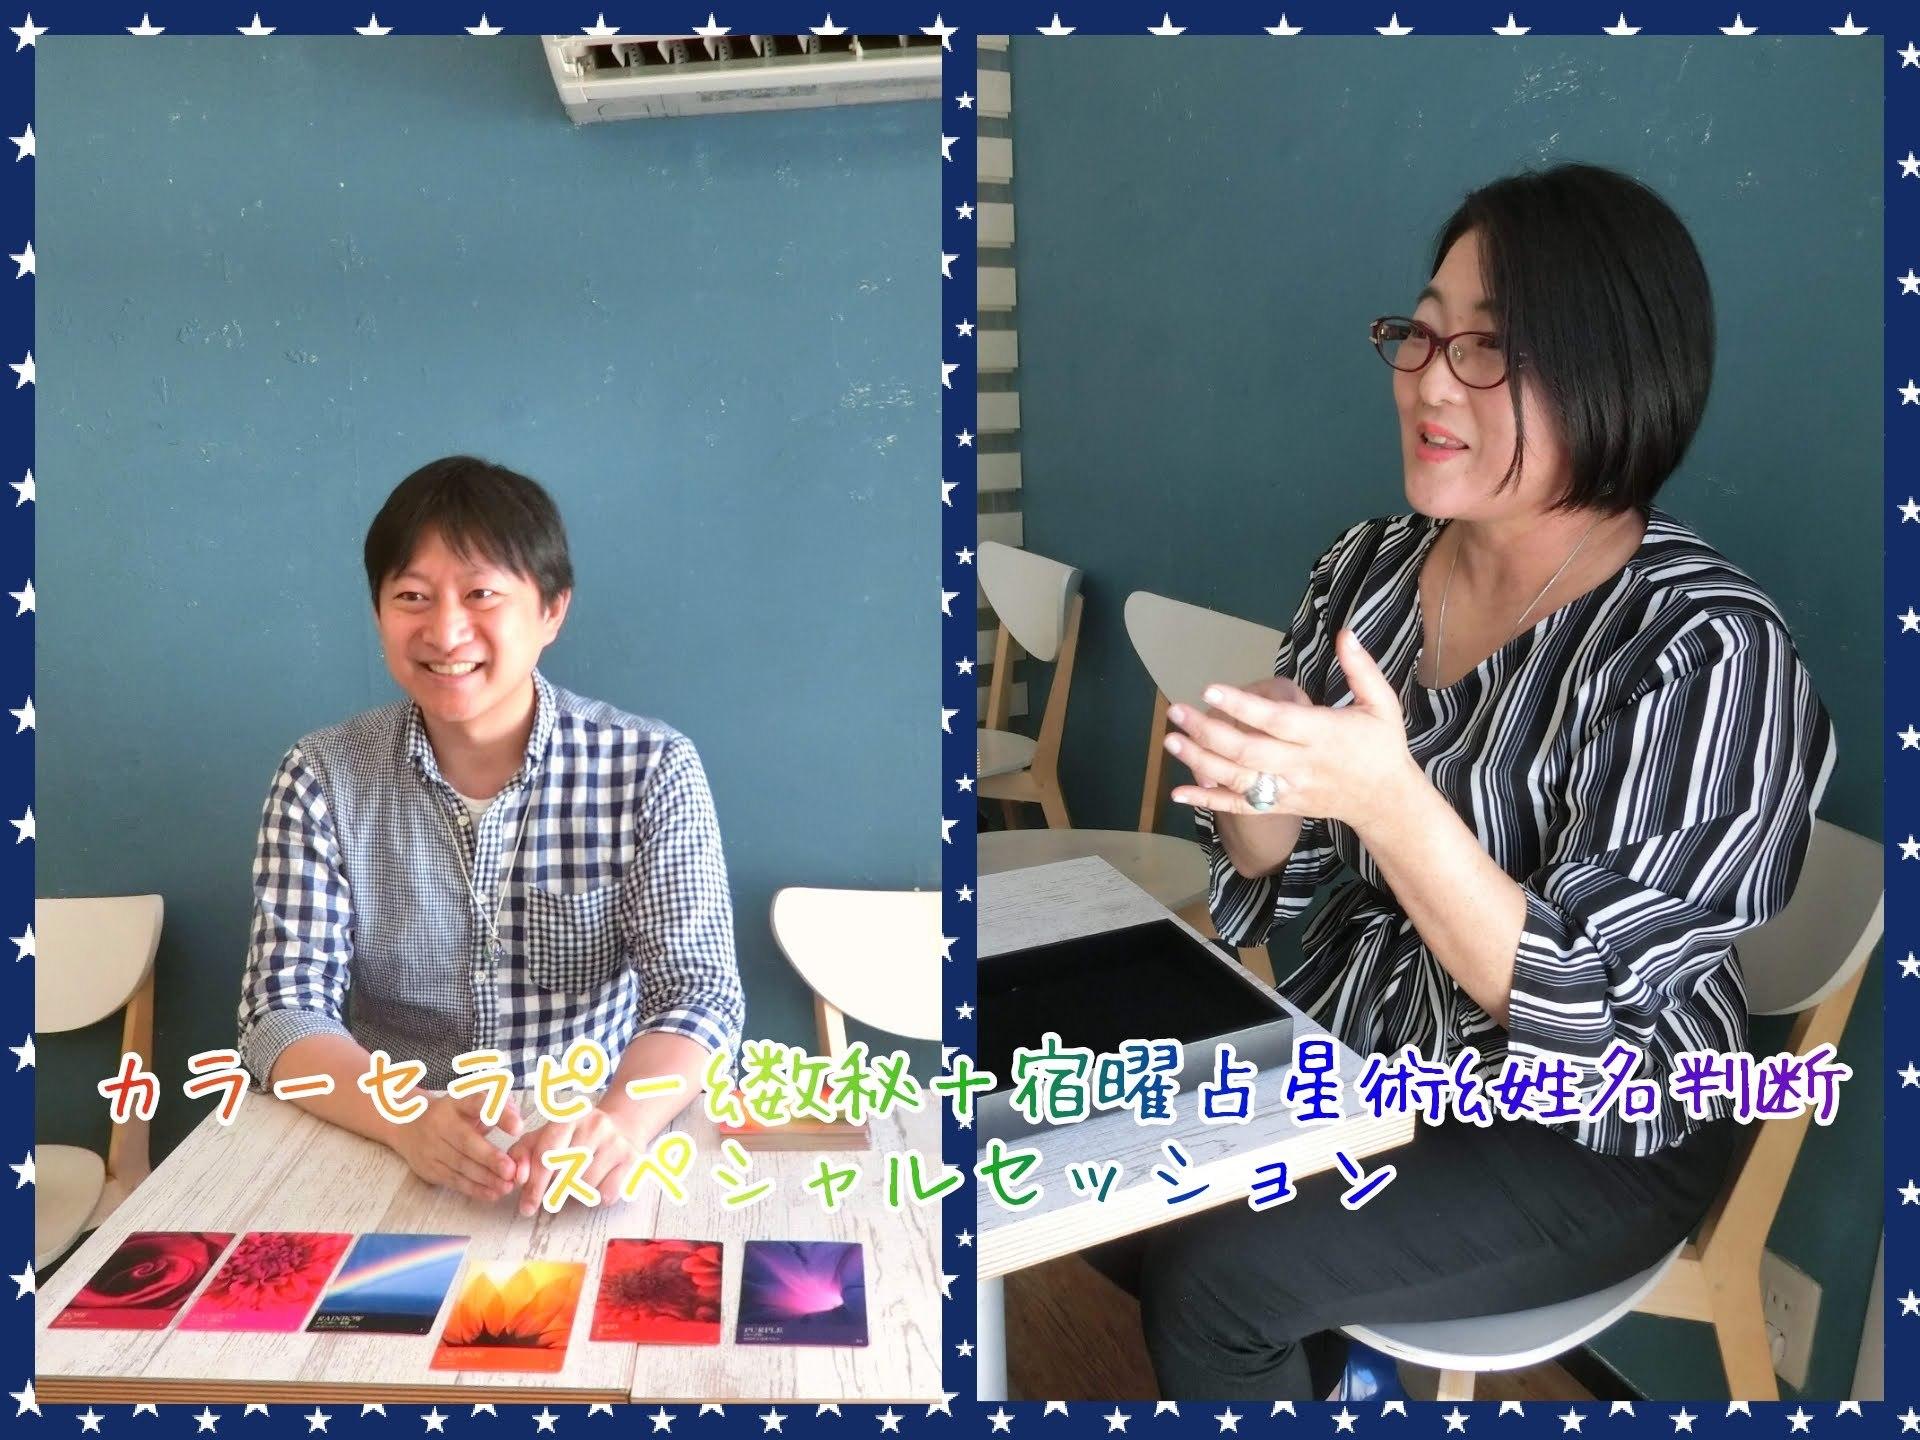 小川蓮珠先生コラボセッション